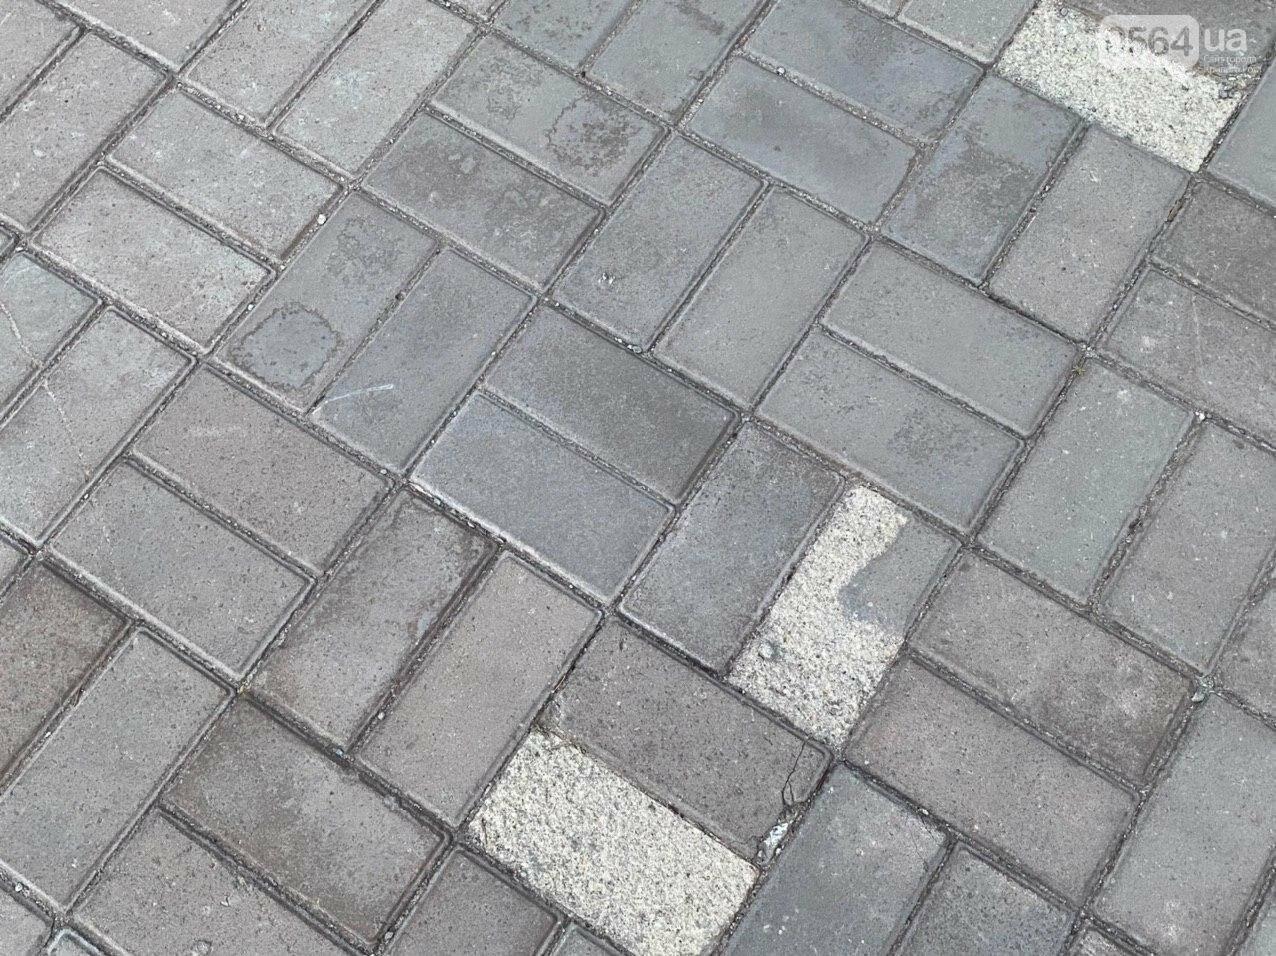 Второй раз по гарантийному договору будут менять плитку под райисполкомом в Кривом Роге, - ФОТО , фото-8